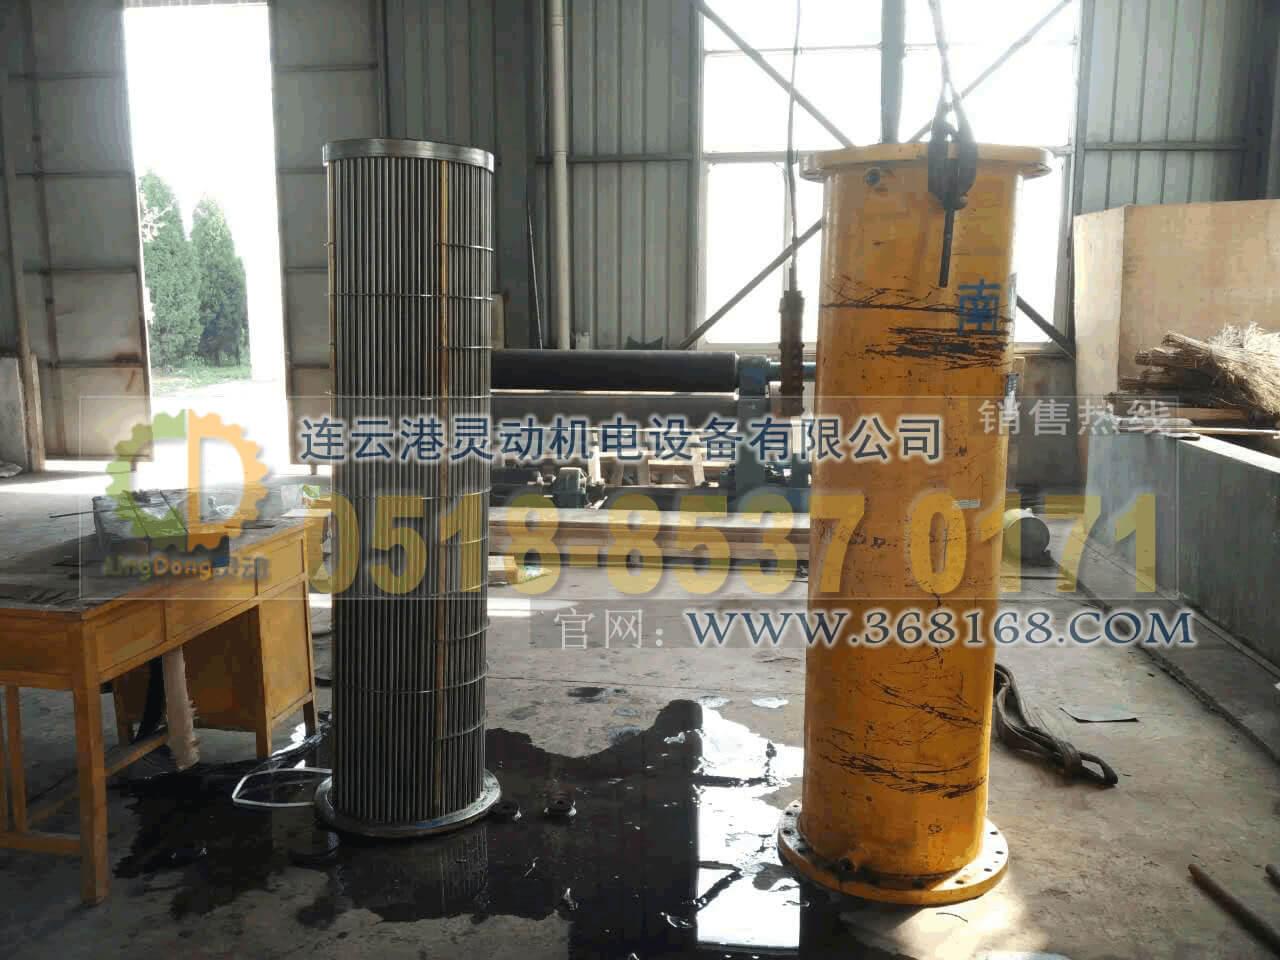 冷油器又称油水冷却器或列管式冷油器生产厂家